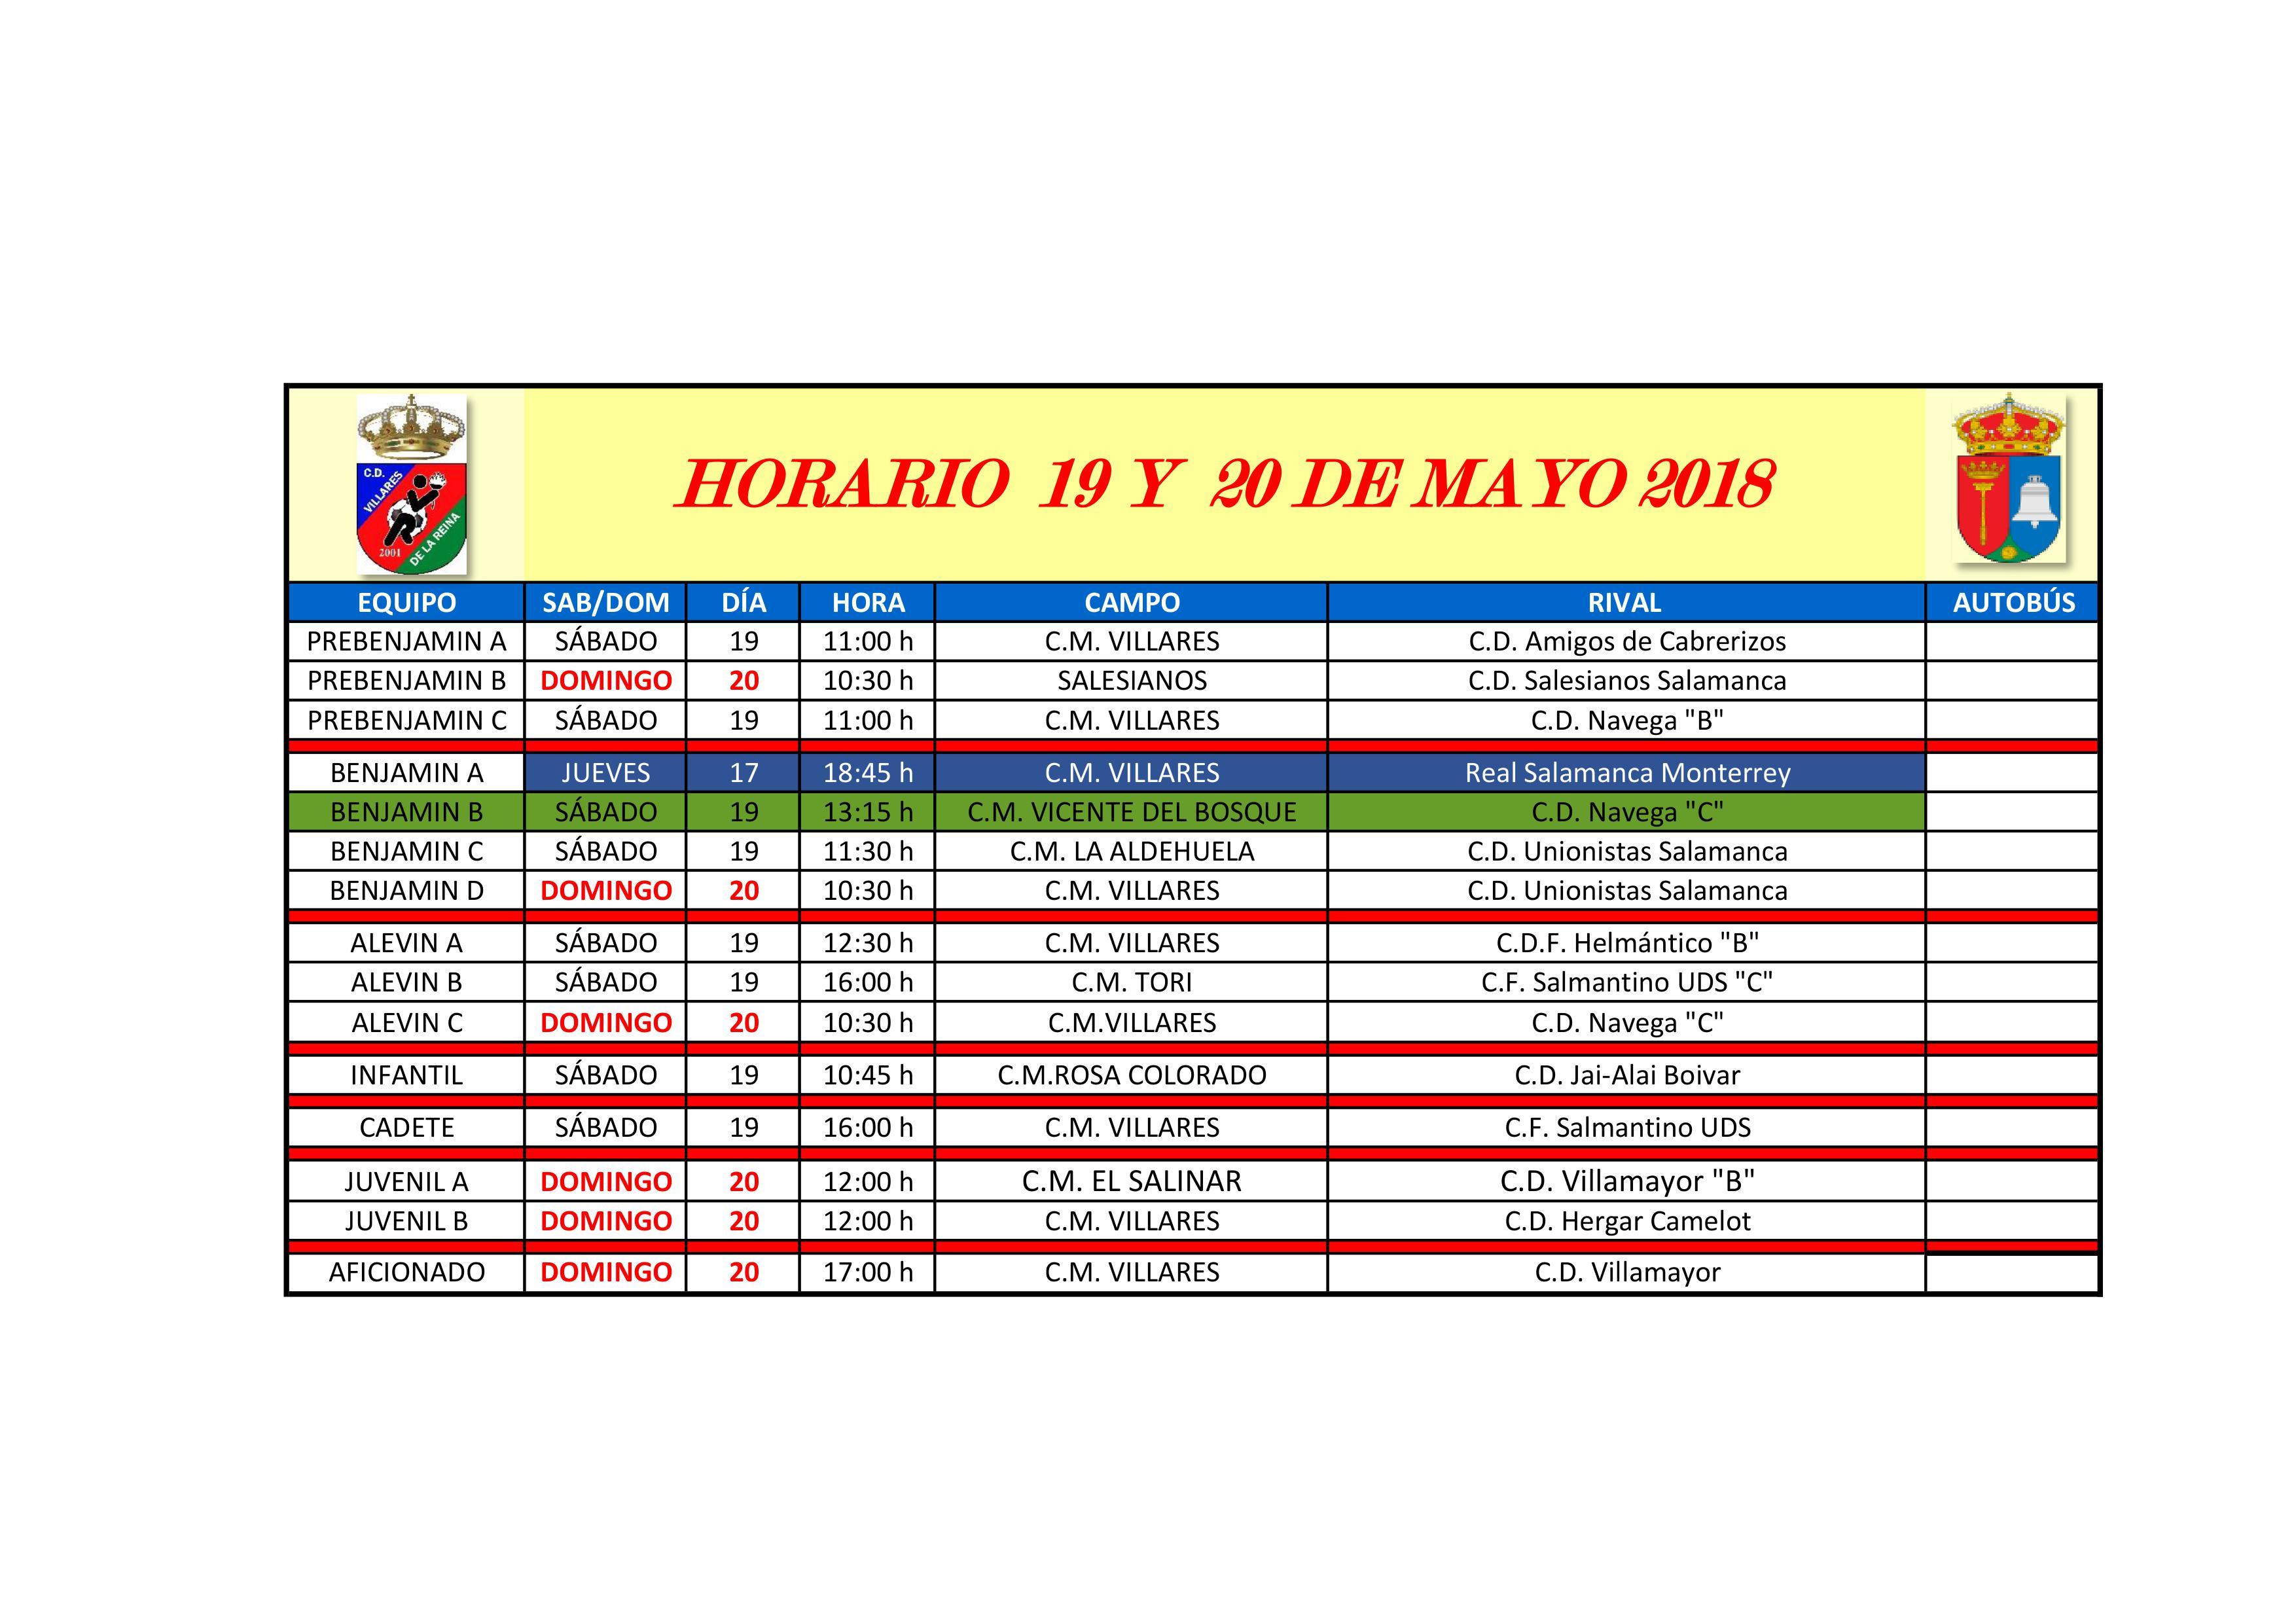 HORARIOS ULTIMA JORNADA 19 Y 20 DE MAYO